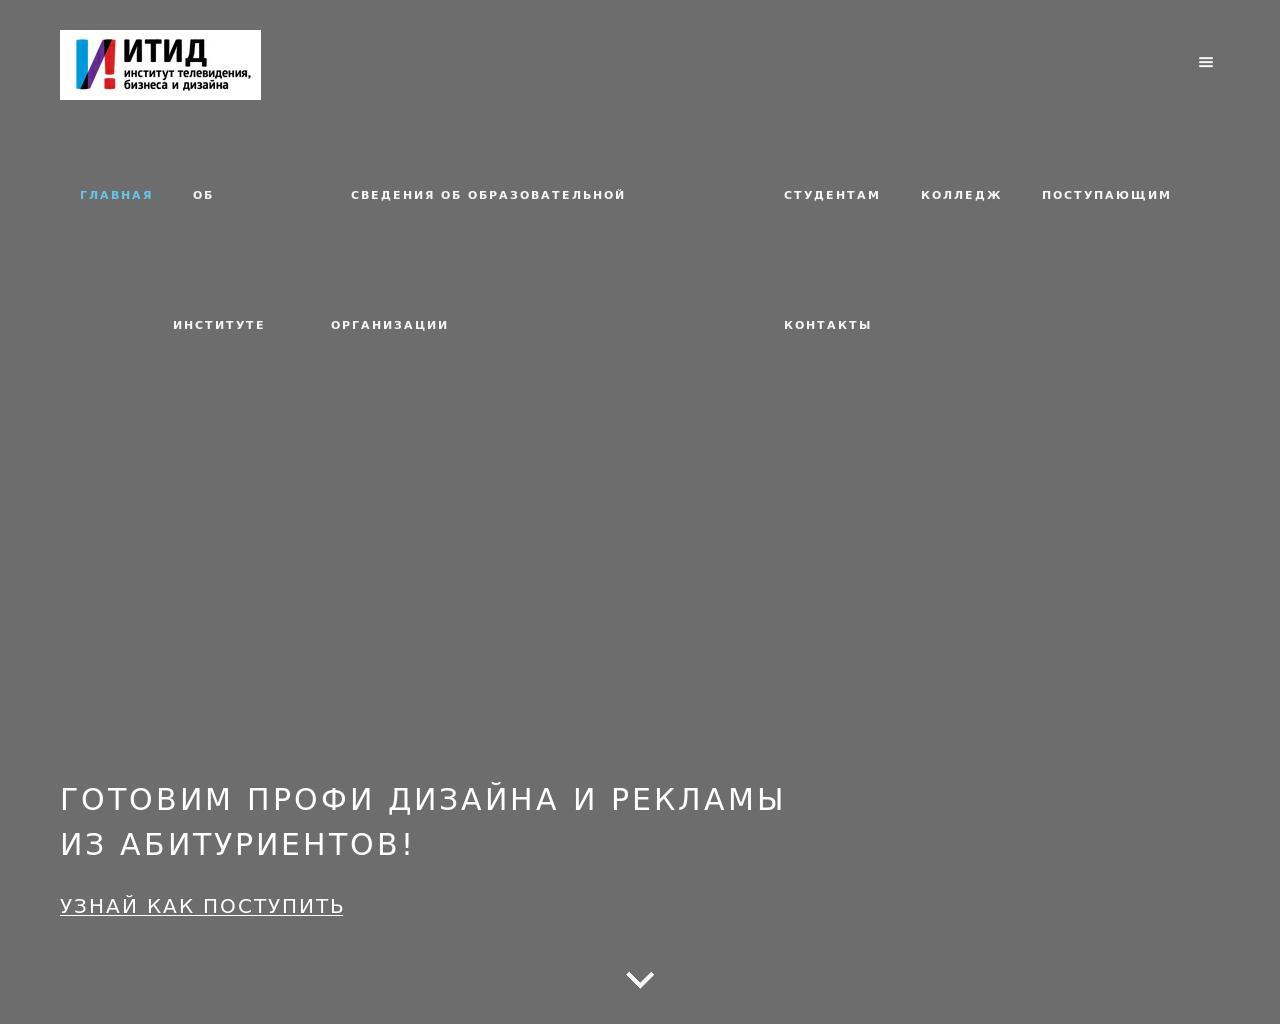 Институт телевидения, бизнеса и дизайна